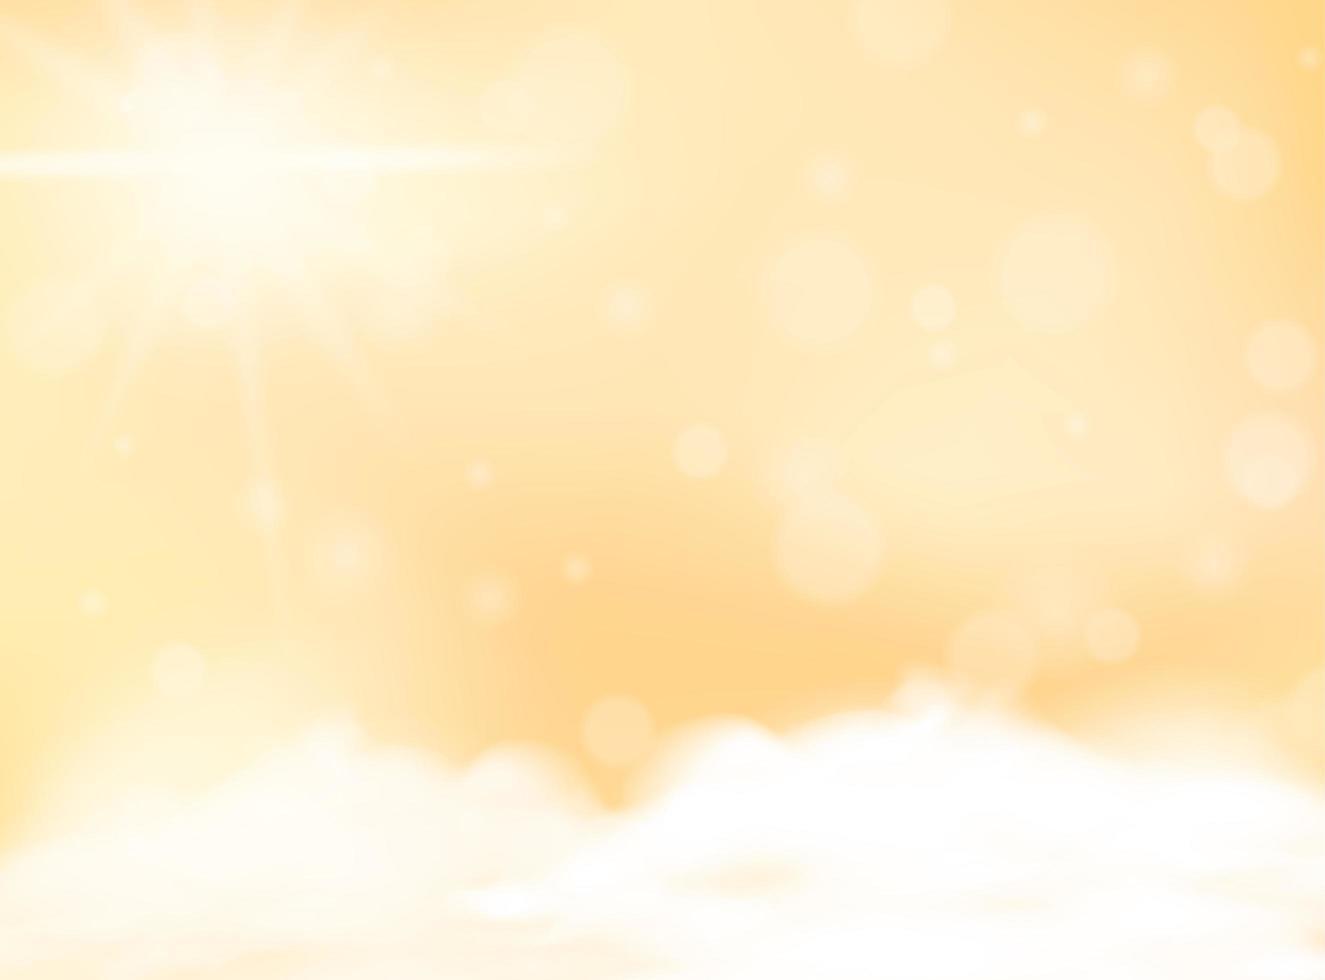 gul pastellfärg suddig bakgrund tom mall vektor